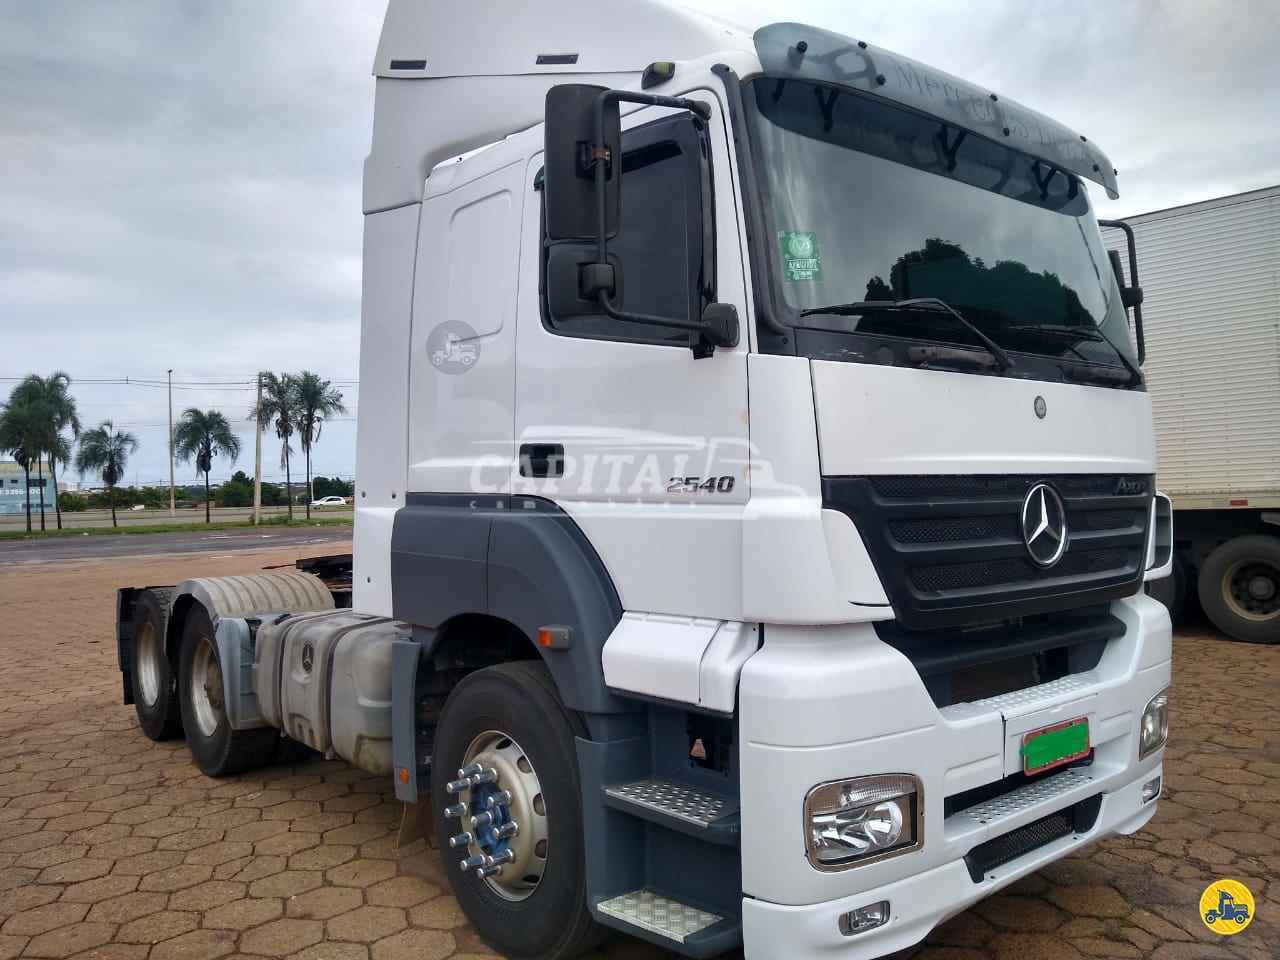 CAMINHAO MERCEDES-BENZ MB 2540 Capital Caminhões - Metalesp e Recrusul  BRASILIA DISTRITO FEDERAL DF